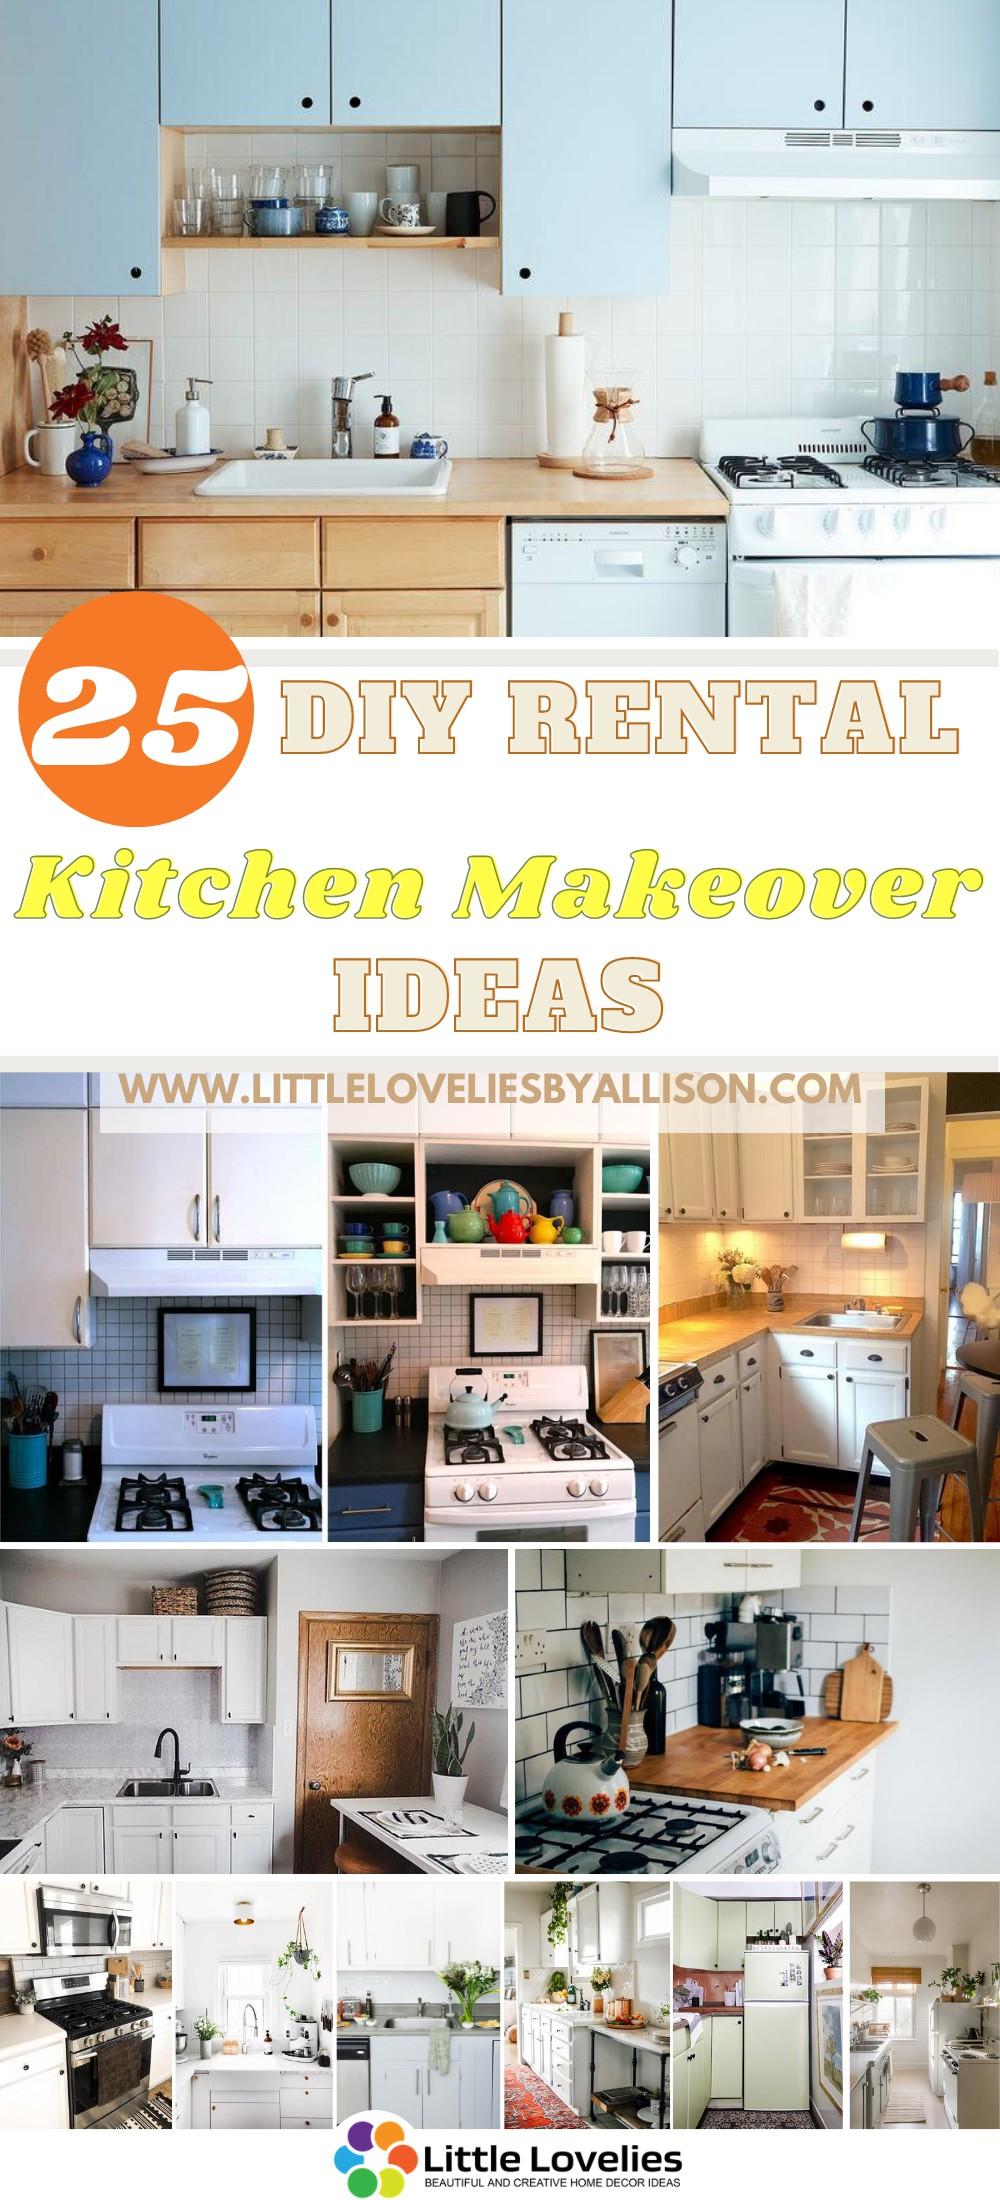 25 DIY Rental Kitchen Makeover Ideas